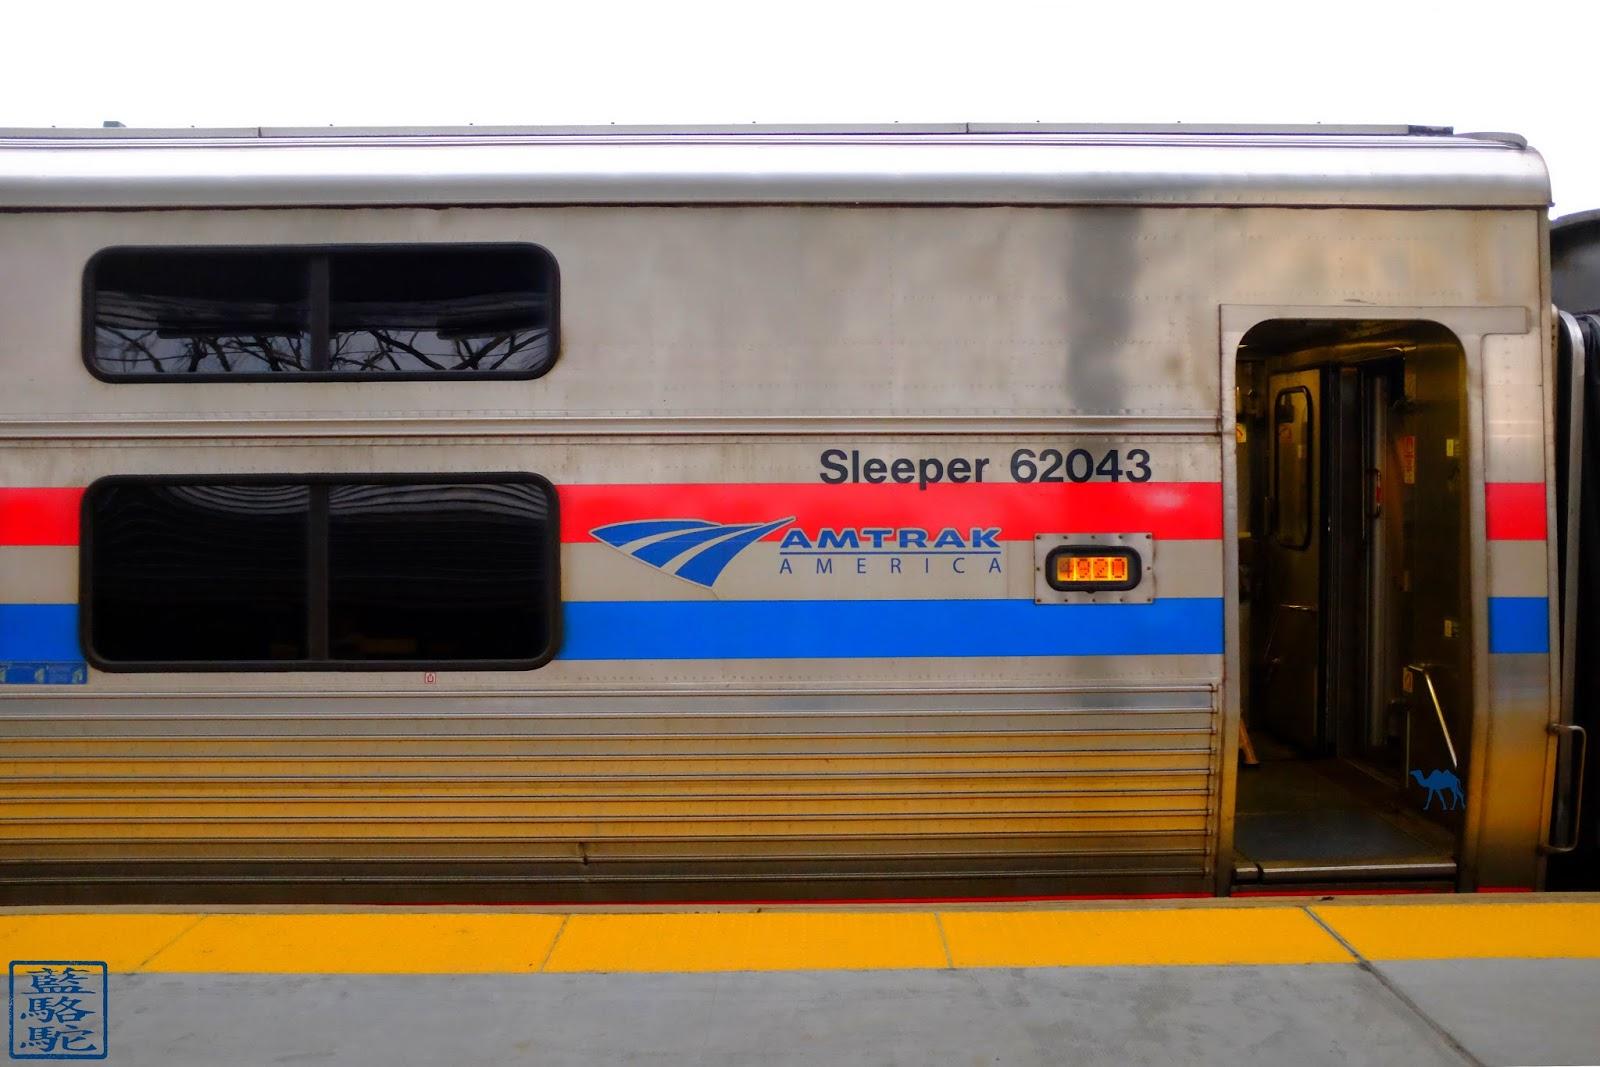 Le Chameau Bleu - Sleeper pour Chicago Train entre Chicago et New York Amtrak